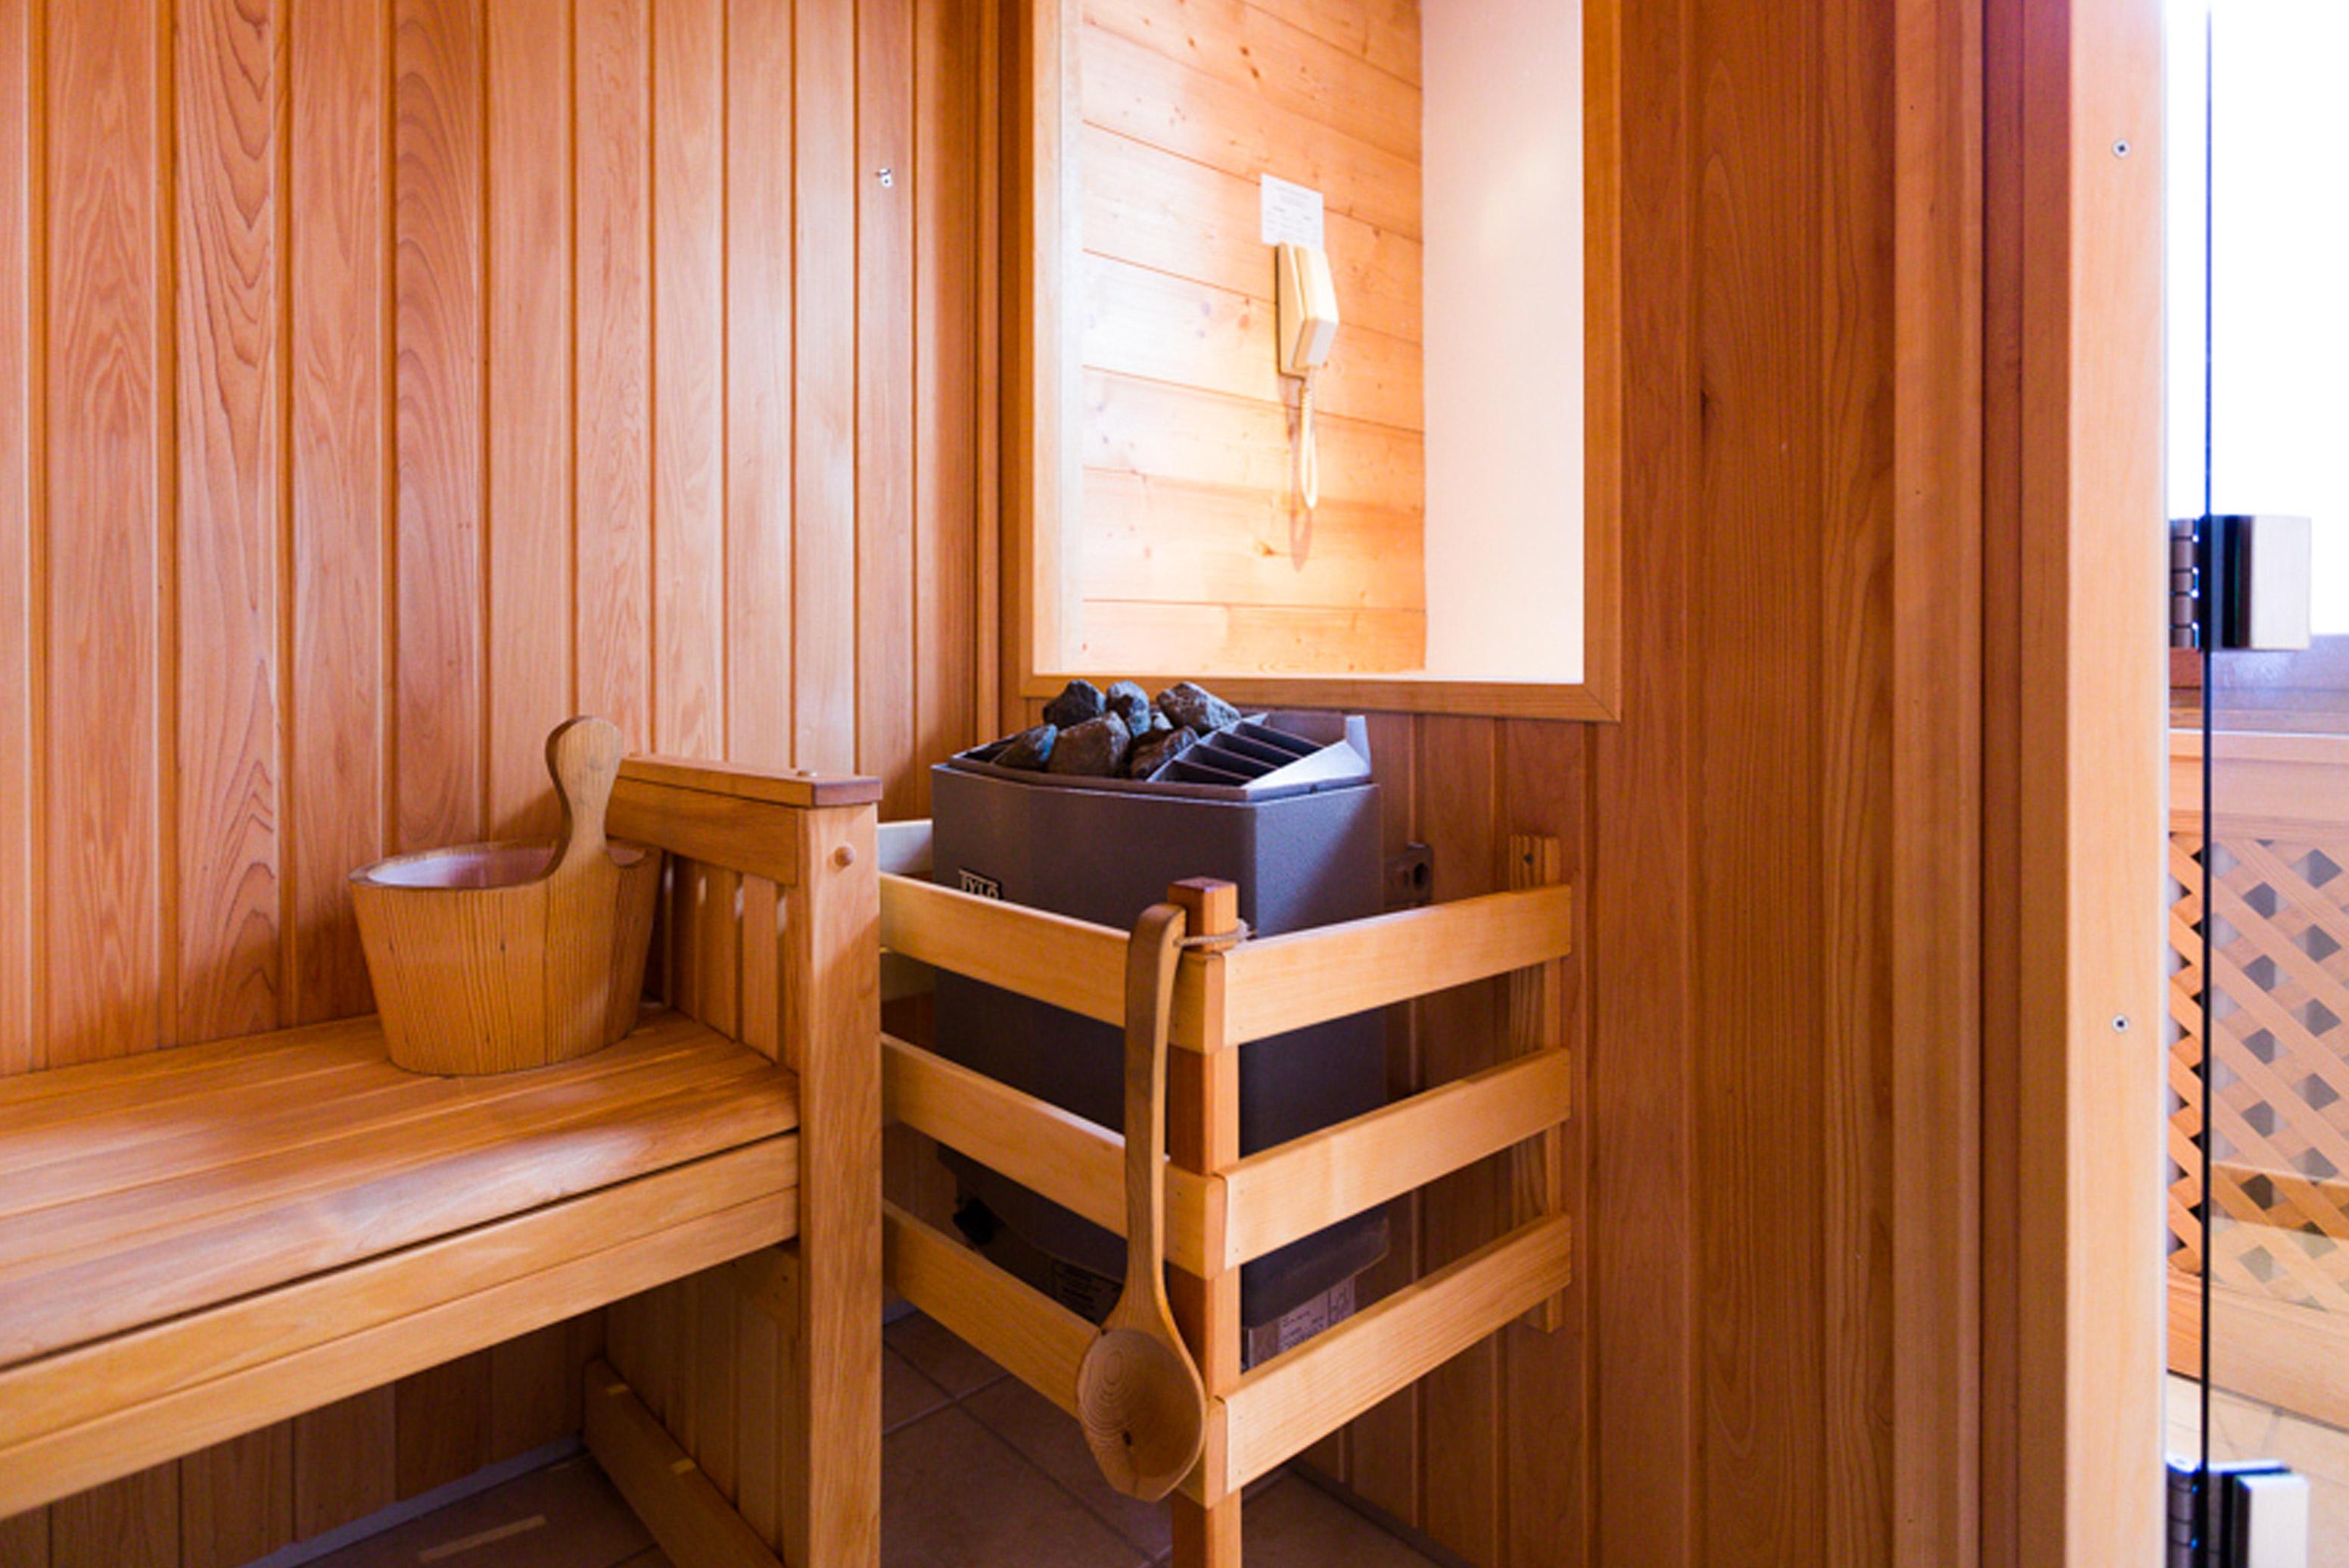 hotel-les-flocons-courchevel-ski-savoie-france-bien_etre-1